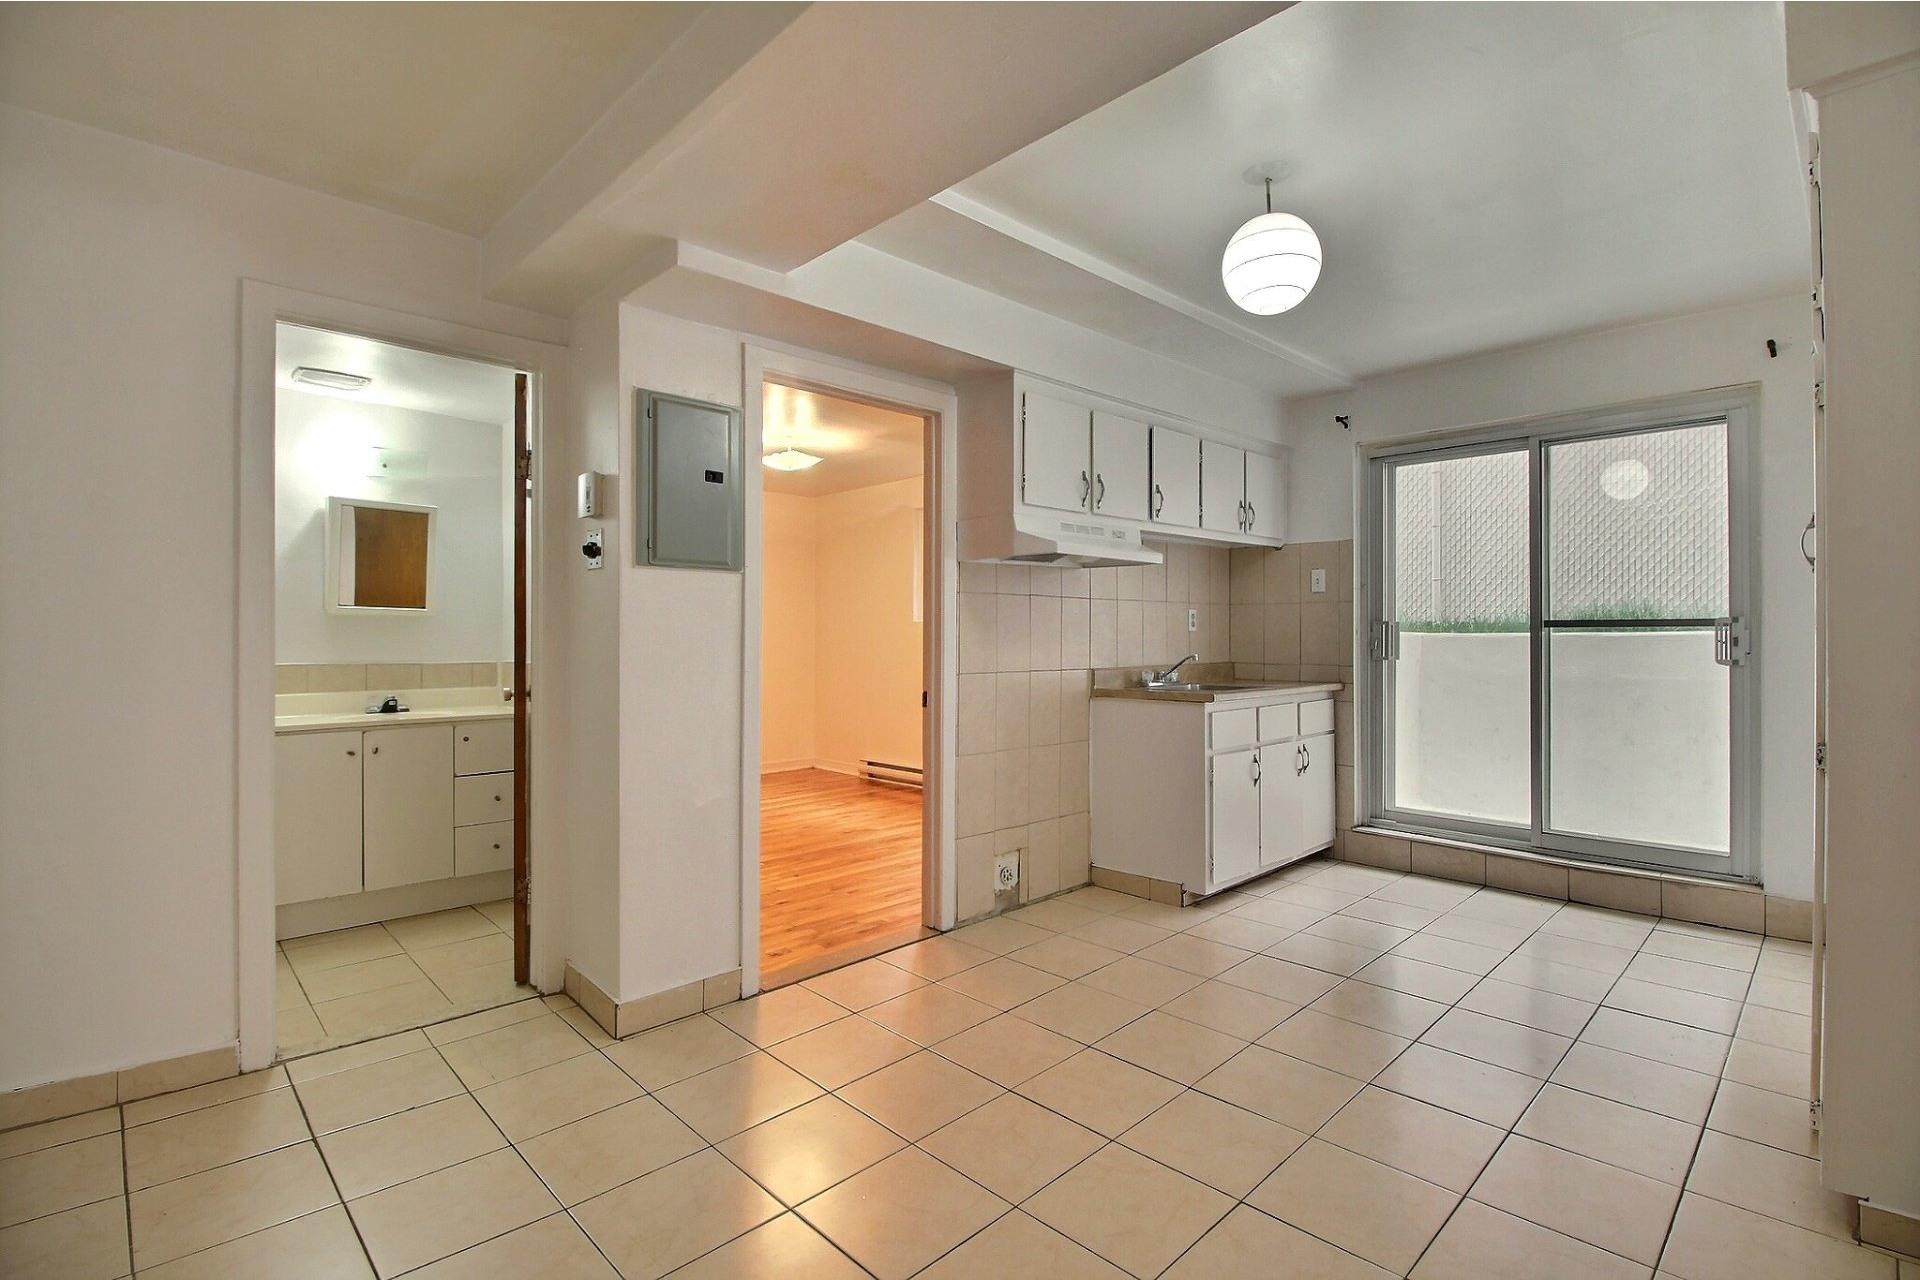 image 10 - Apartment For rent Saint-Léonard Montréal  - 4 rooms